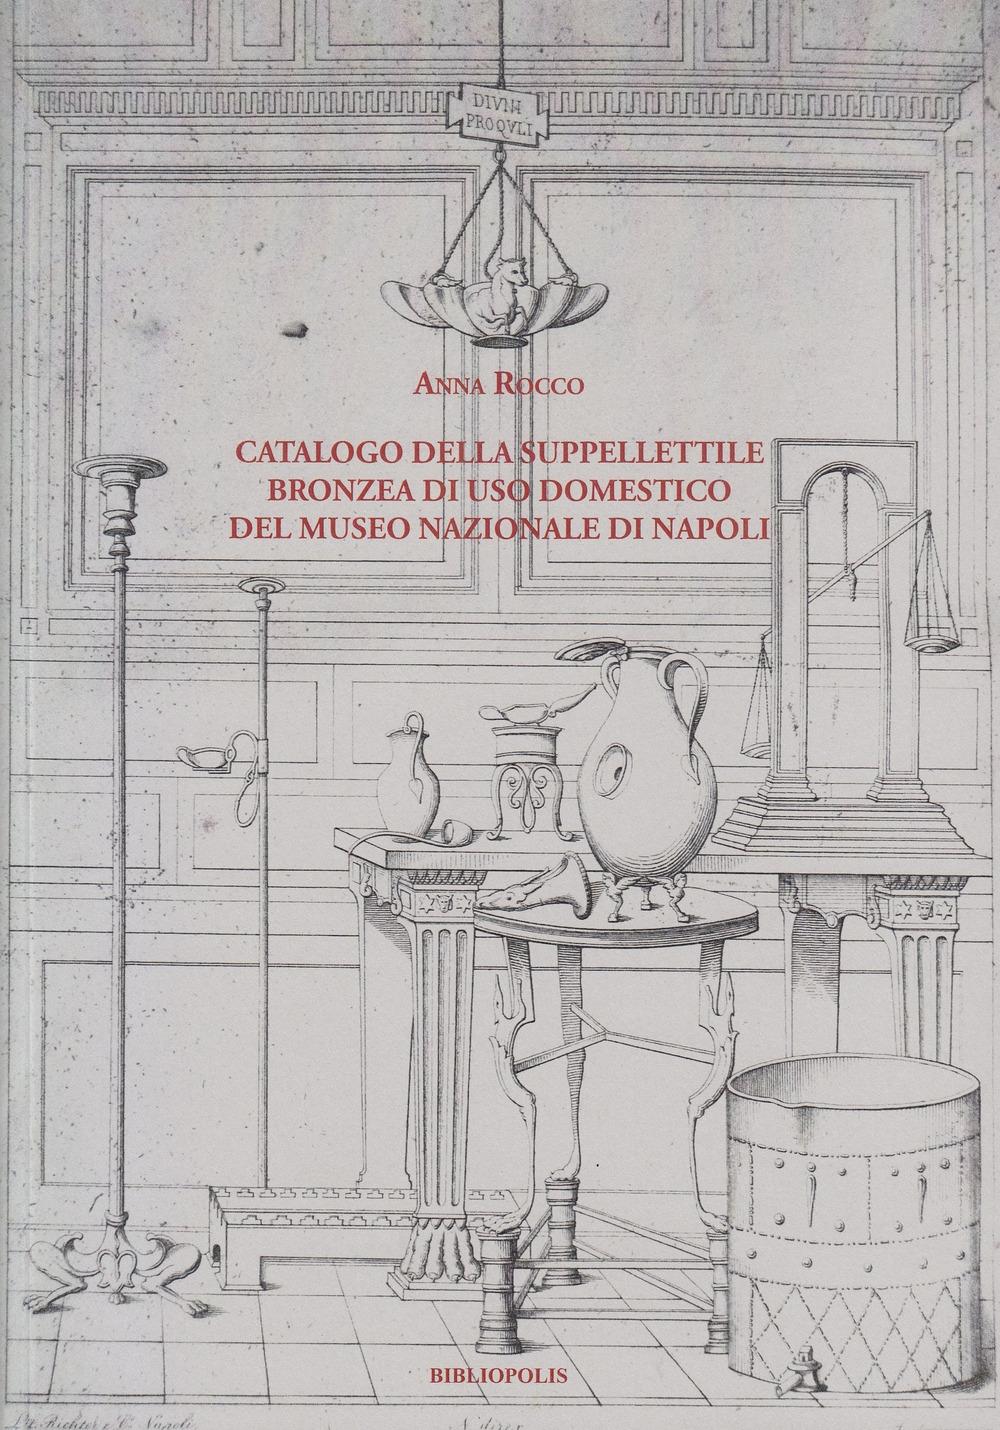 Catalogo della suppellettile bronzea di uso domestico del Museo Nazionale di Napoli